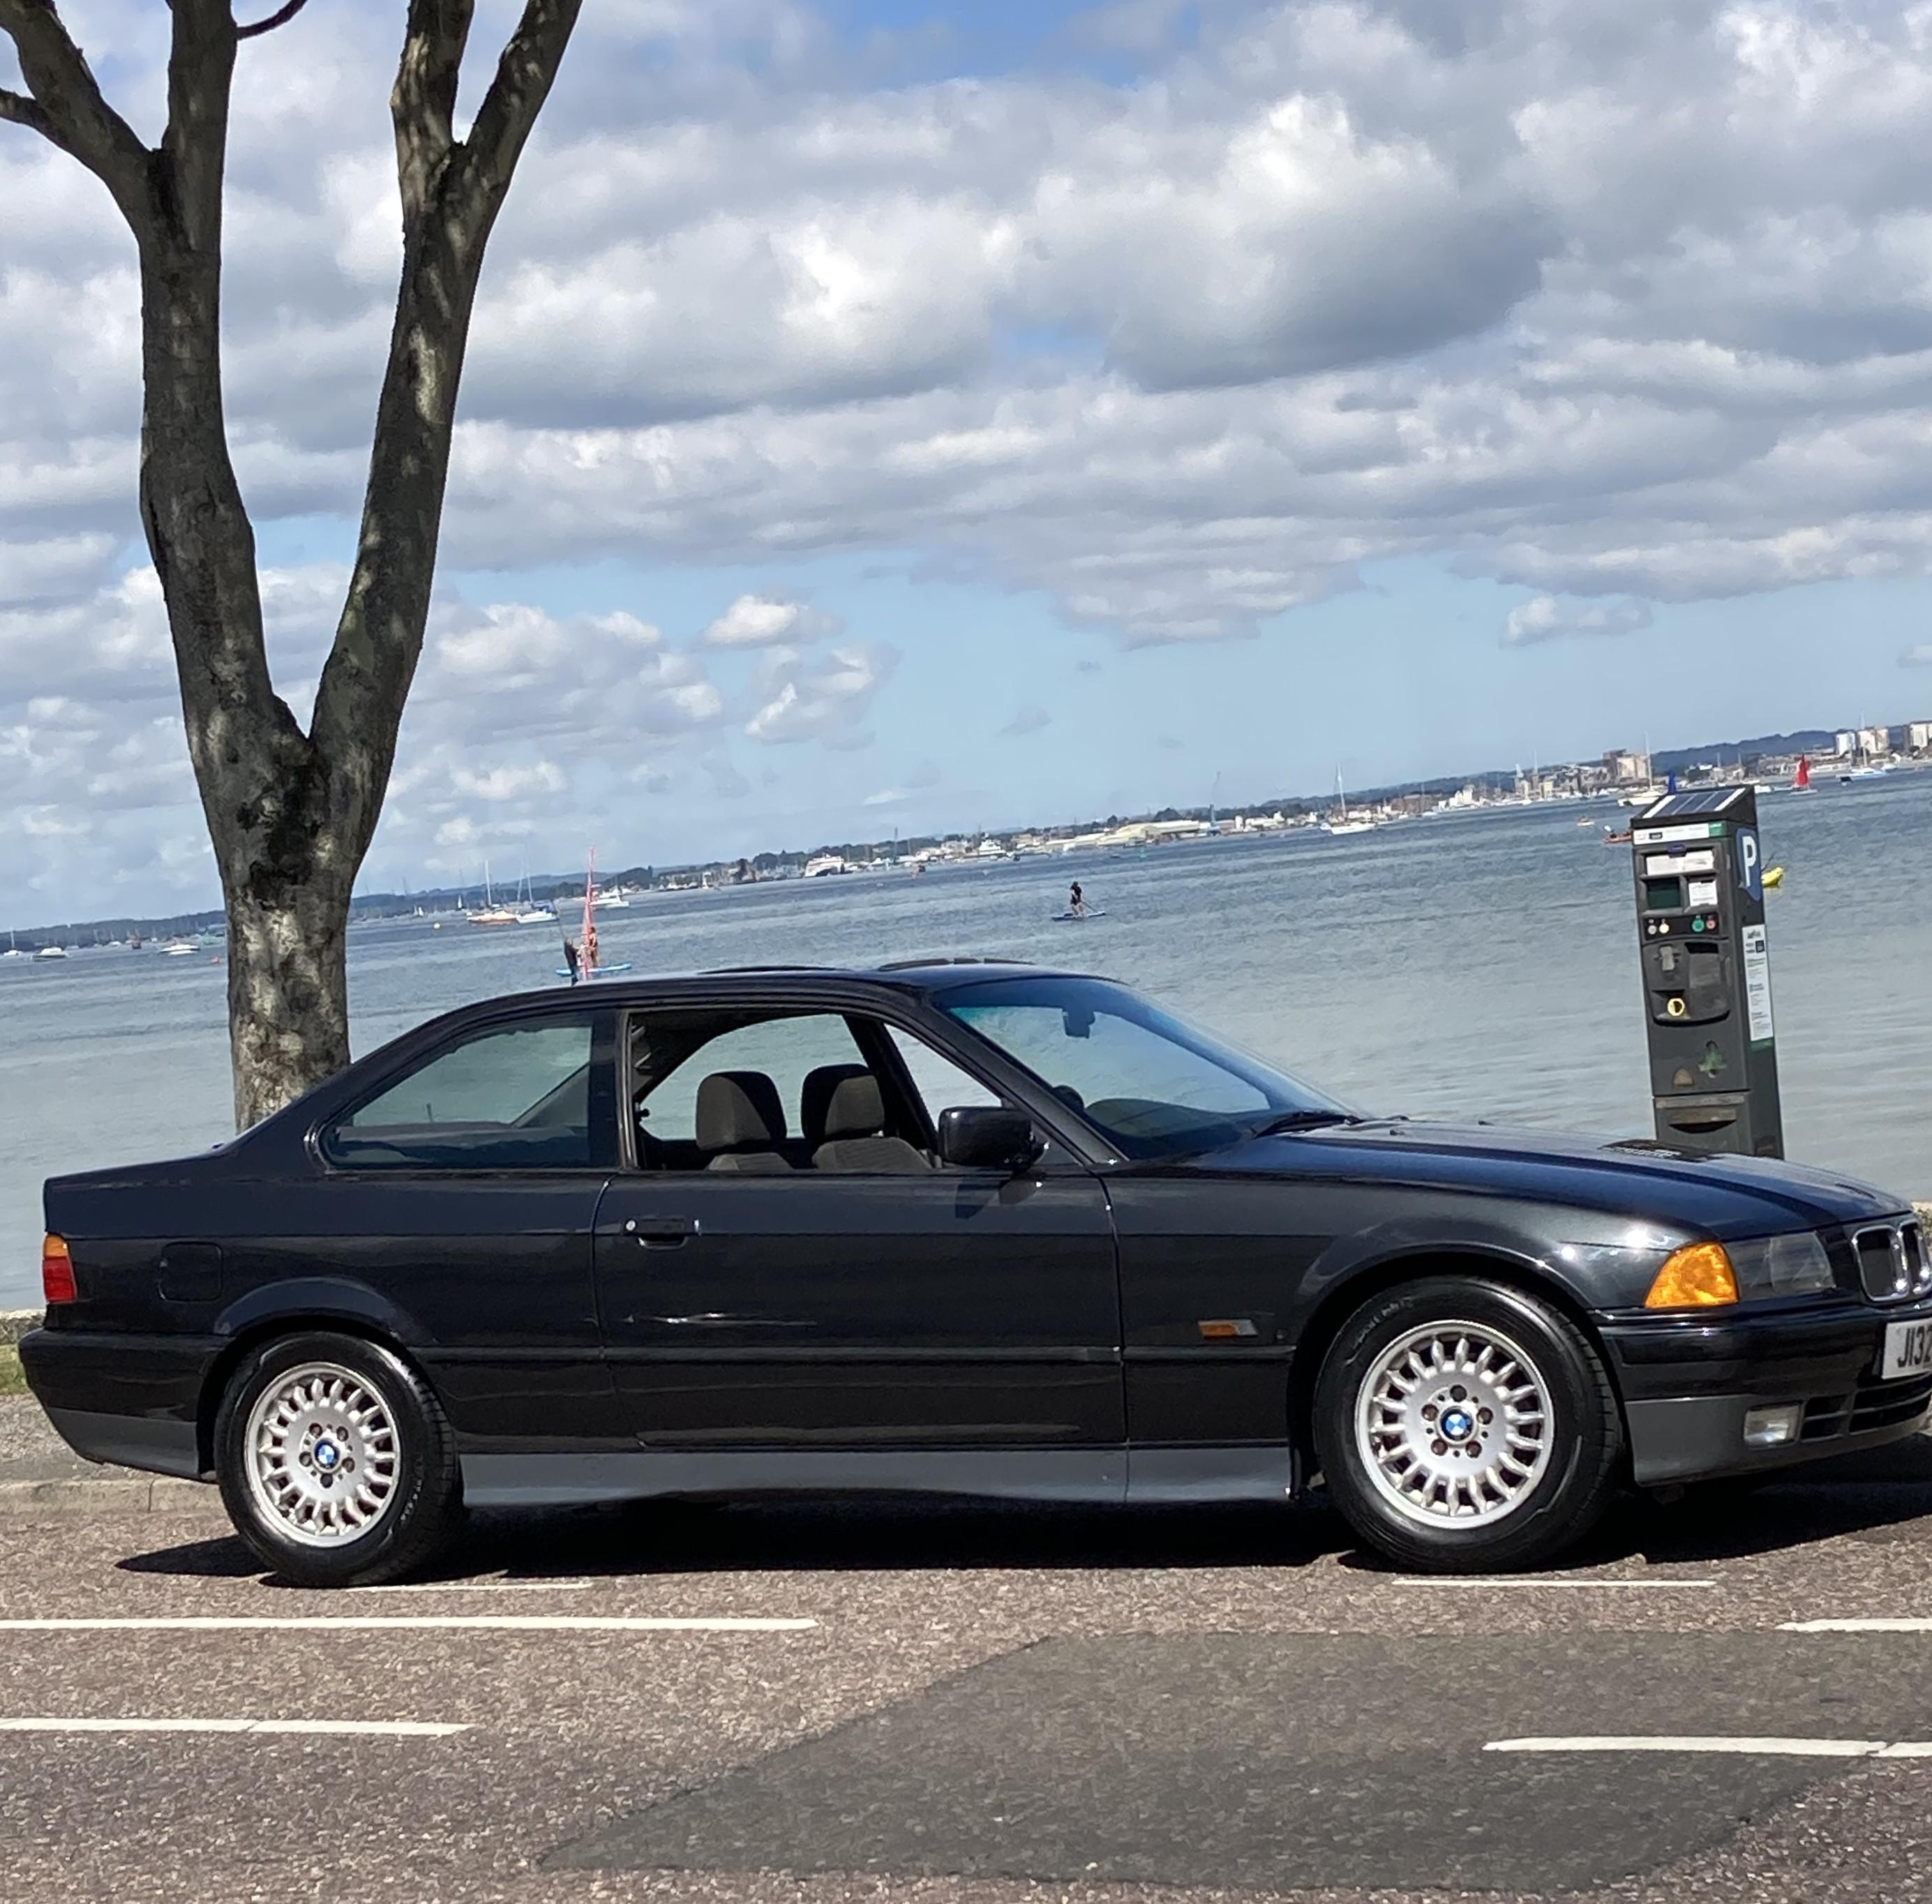 BMW 325i Hire Poole